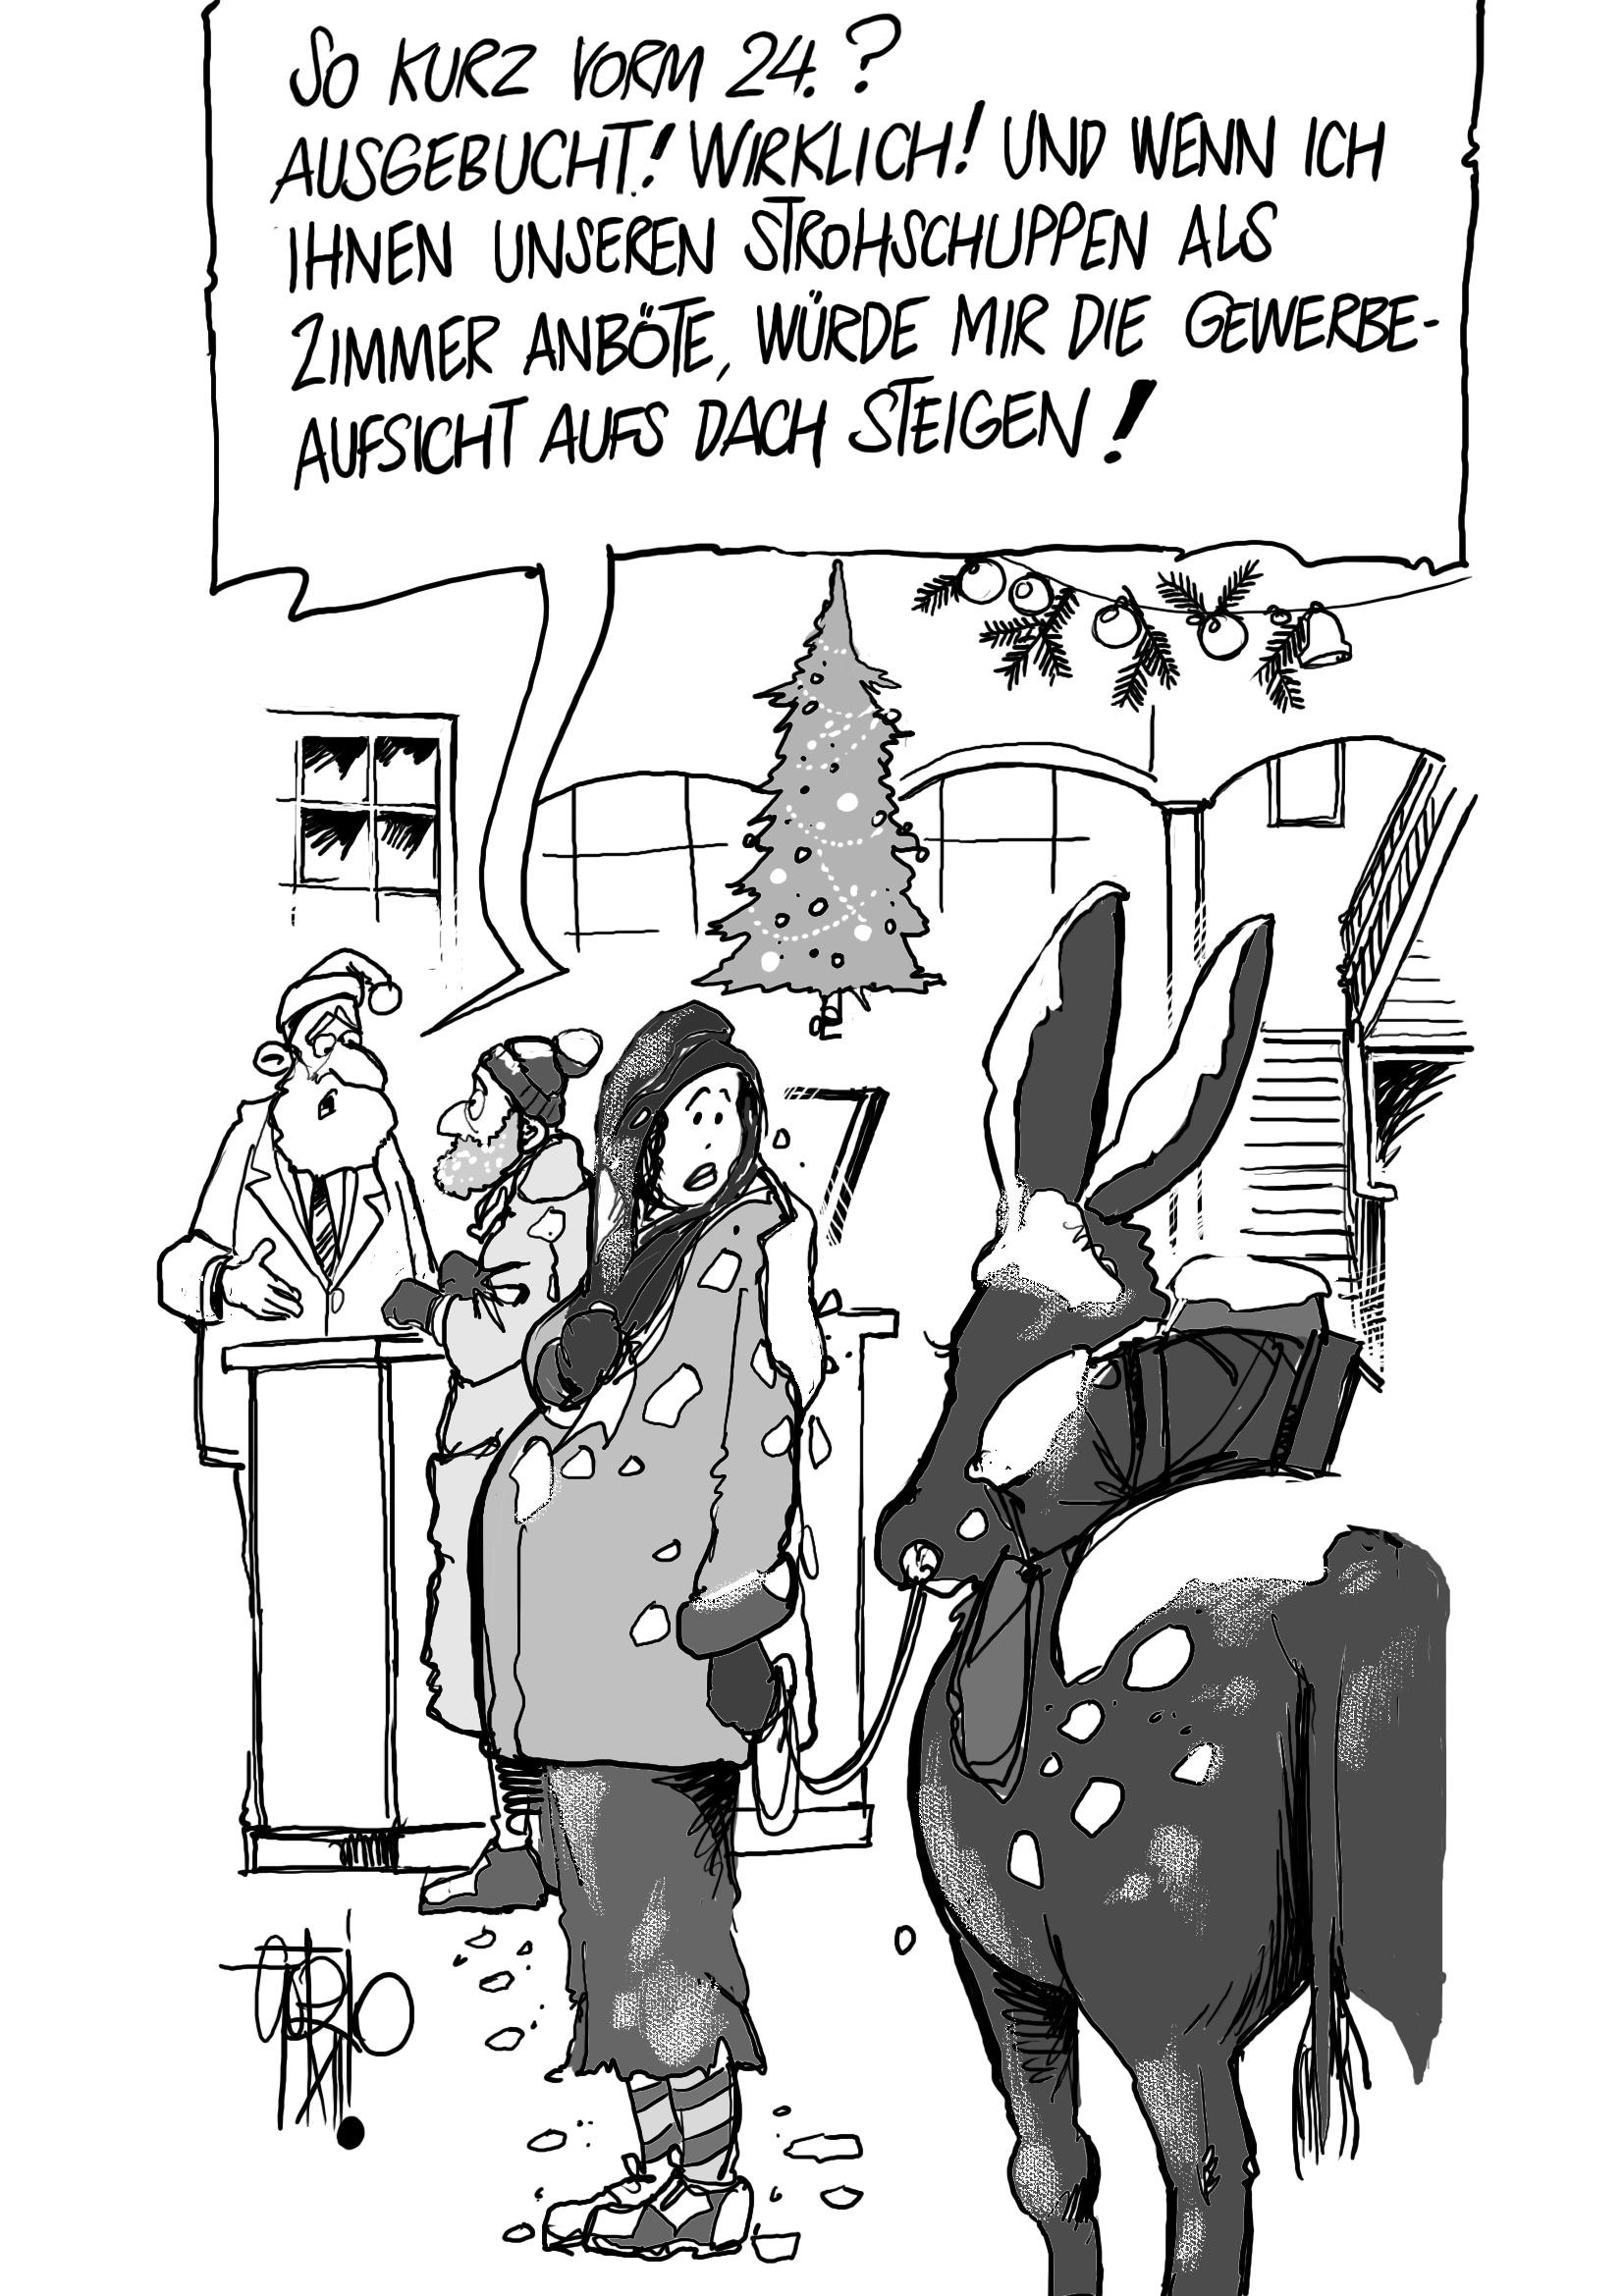 20101213_Weihnachten_Herberge_Maria_Josef.jpg